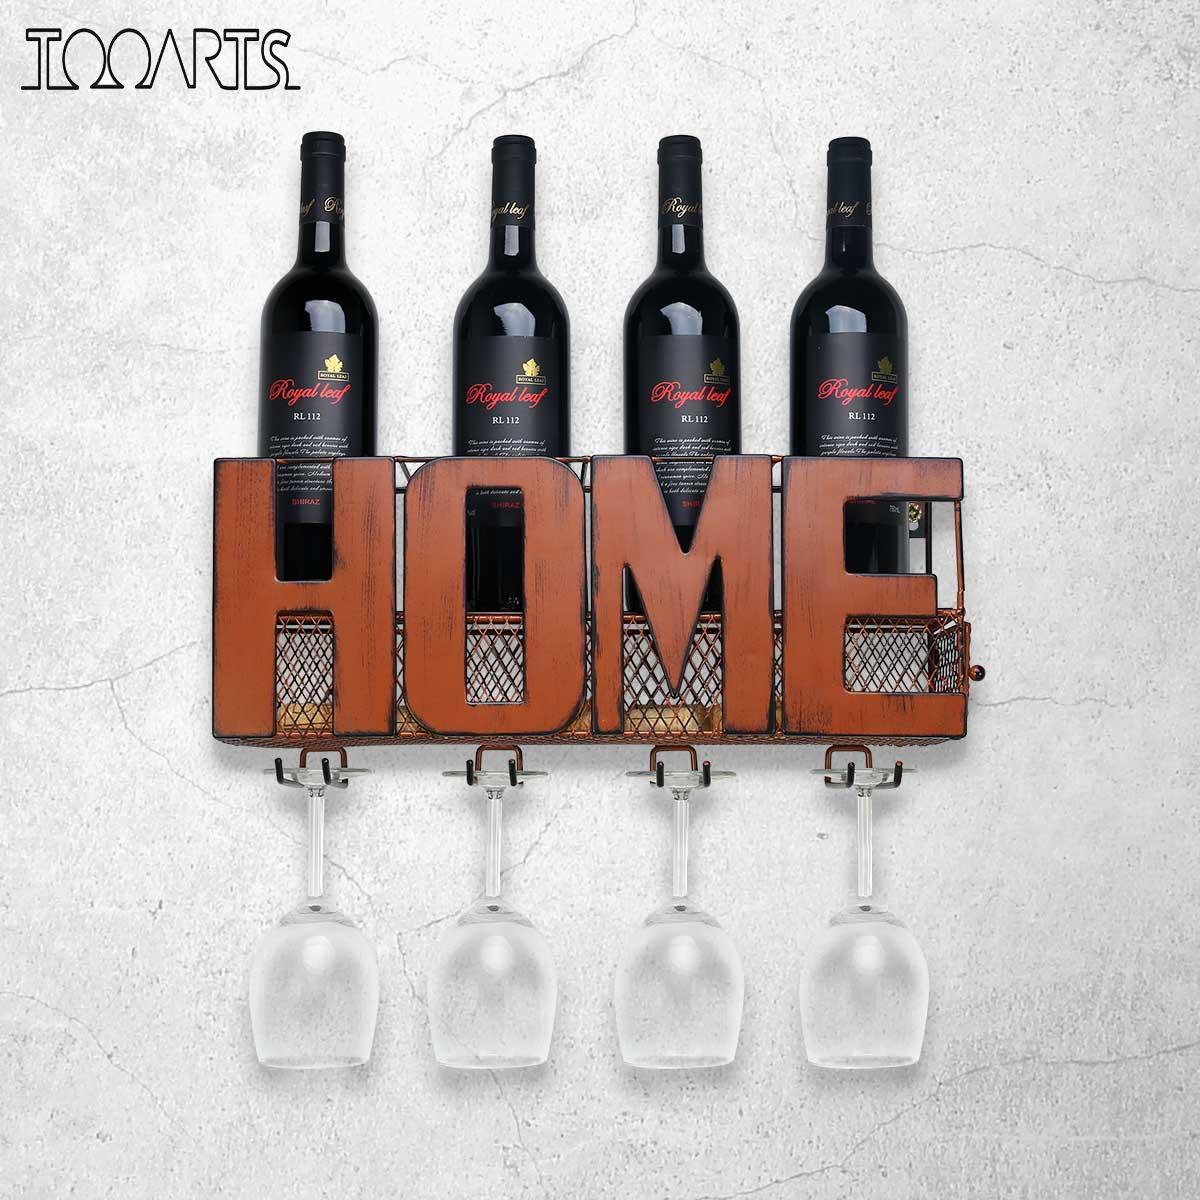 Tooarts настенный винный шкаф Корк контейнер для хранения стекло держатель бутылки Хранитель Корк стойка для хранения вина дома Кухня Декор